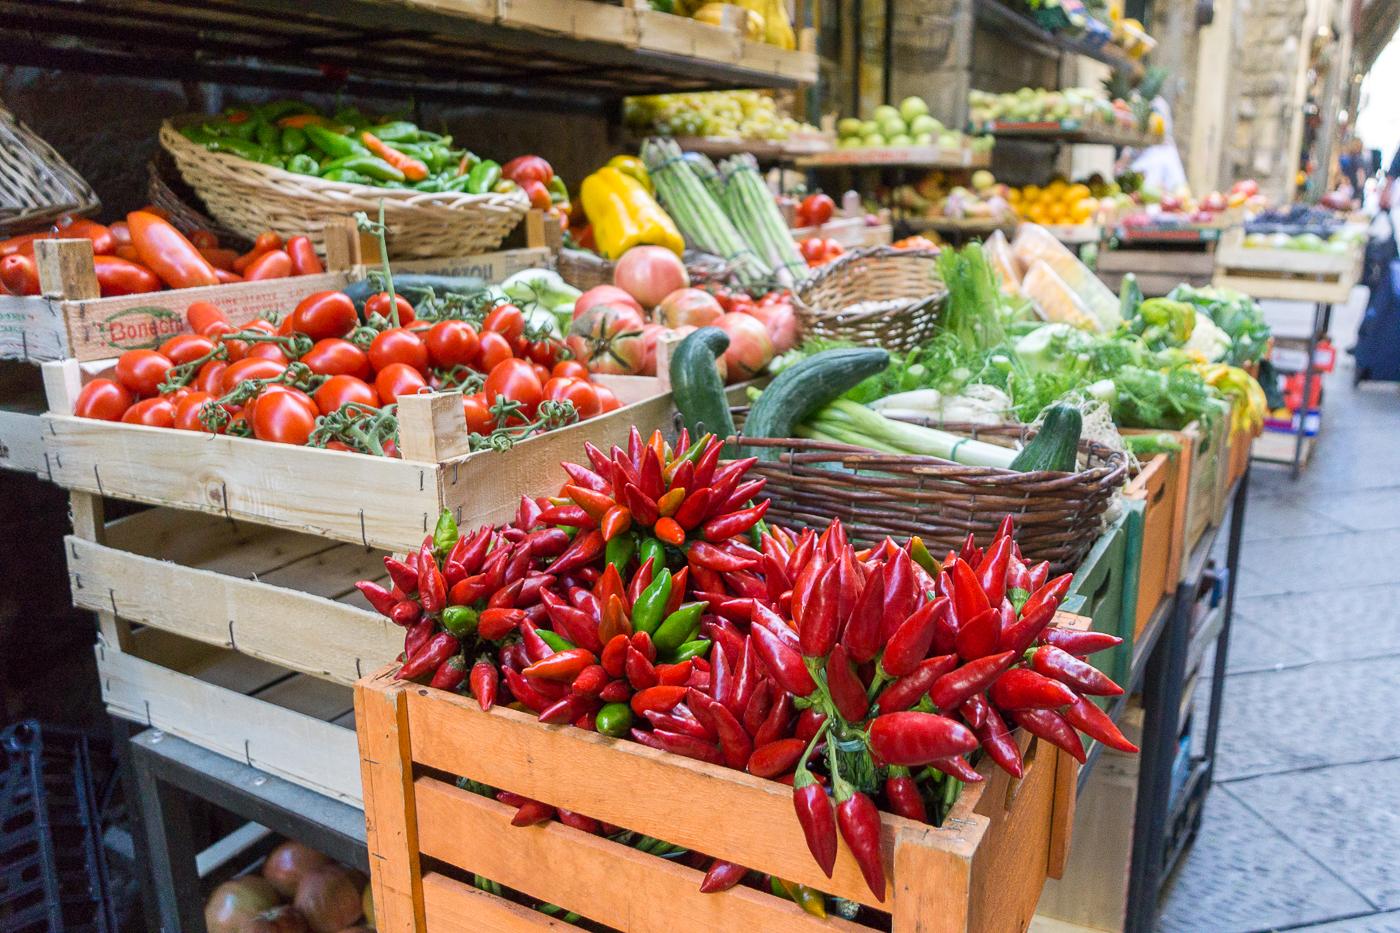 Étal de légumes dans les rues de Florence